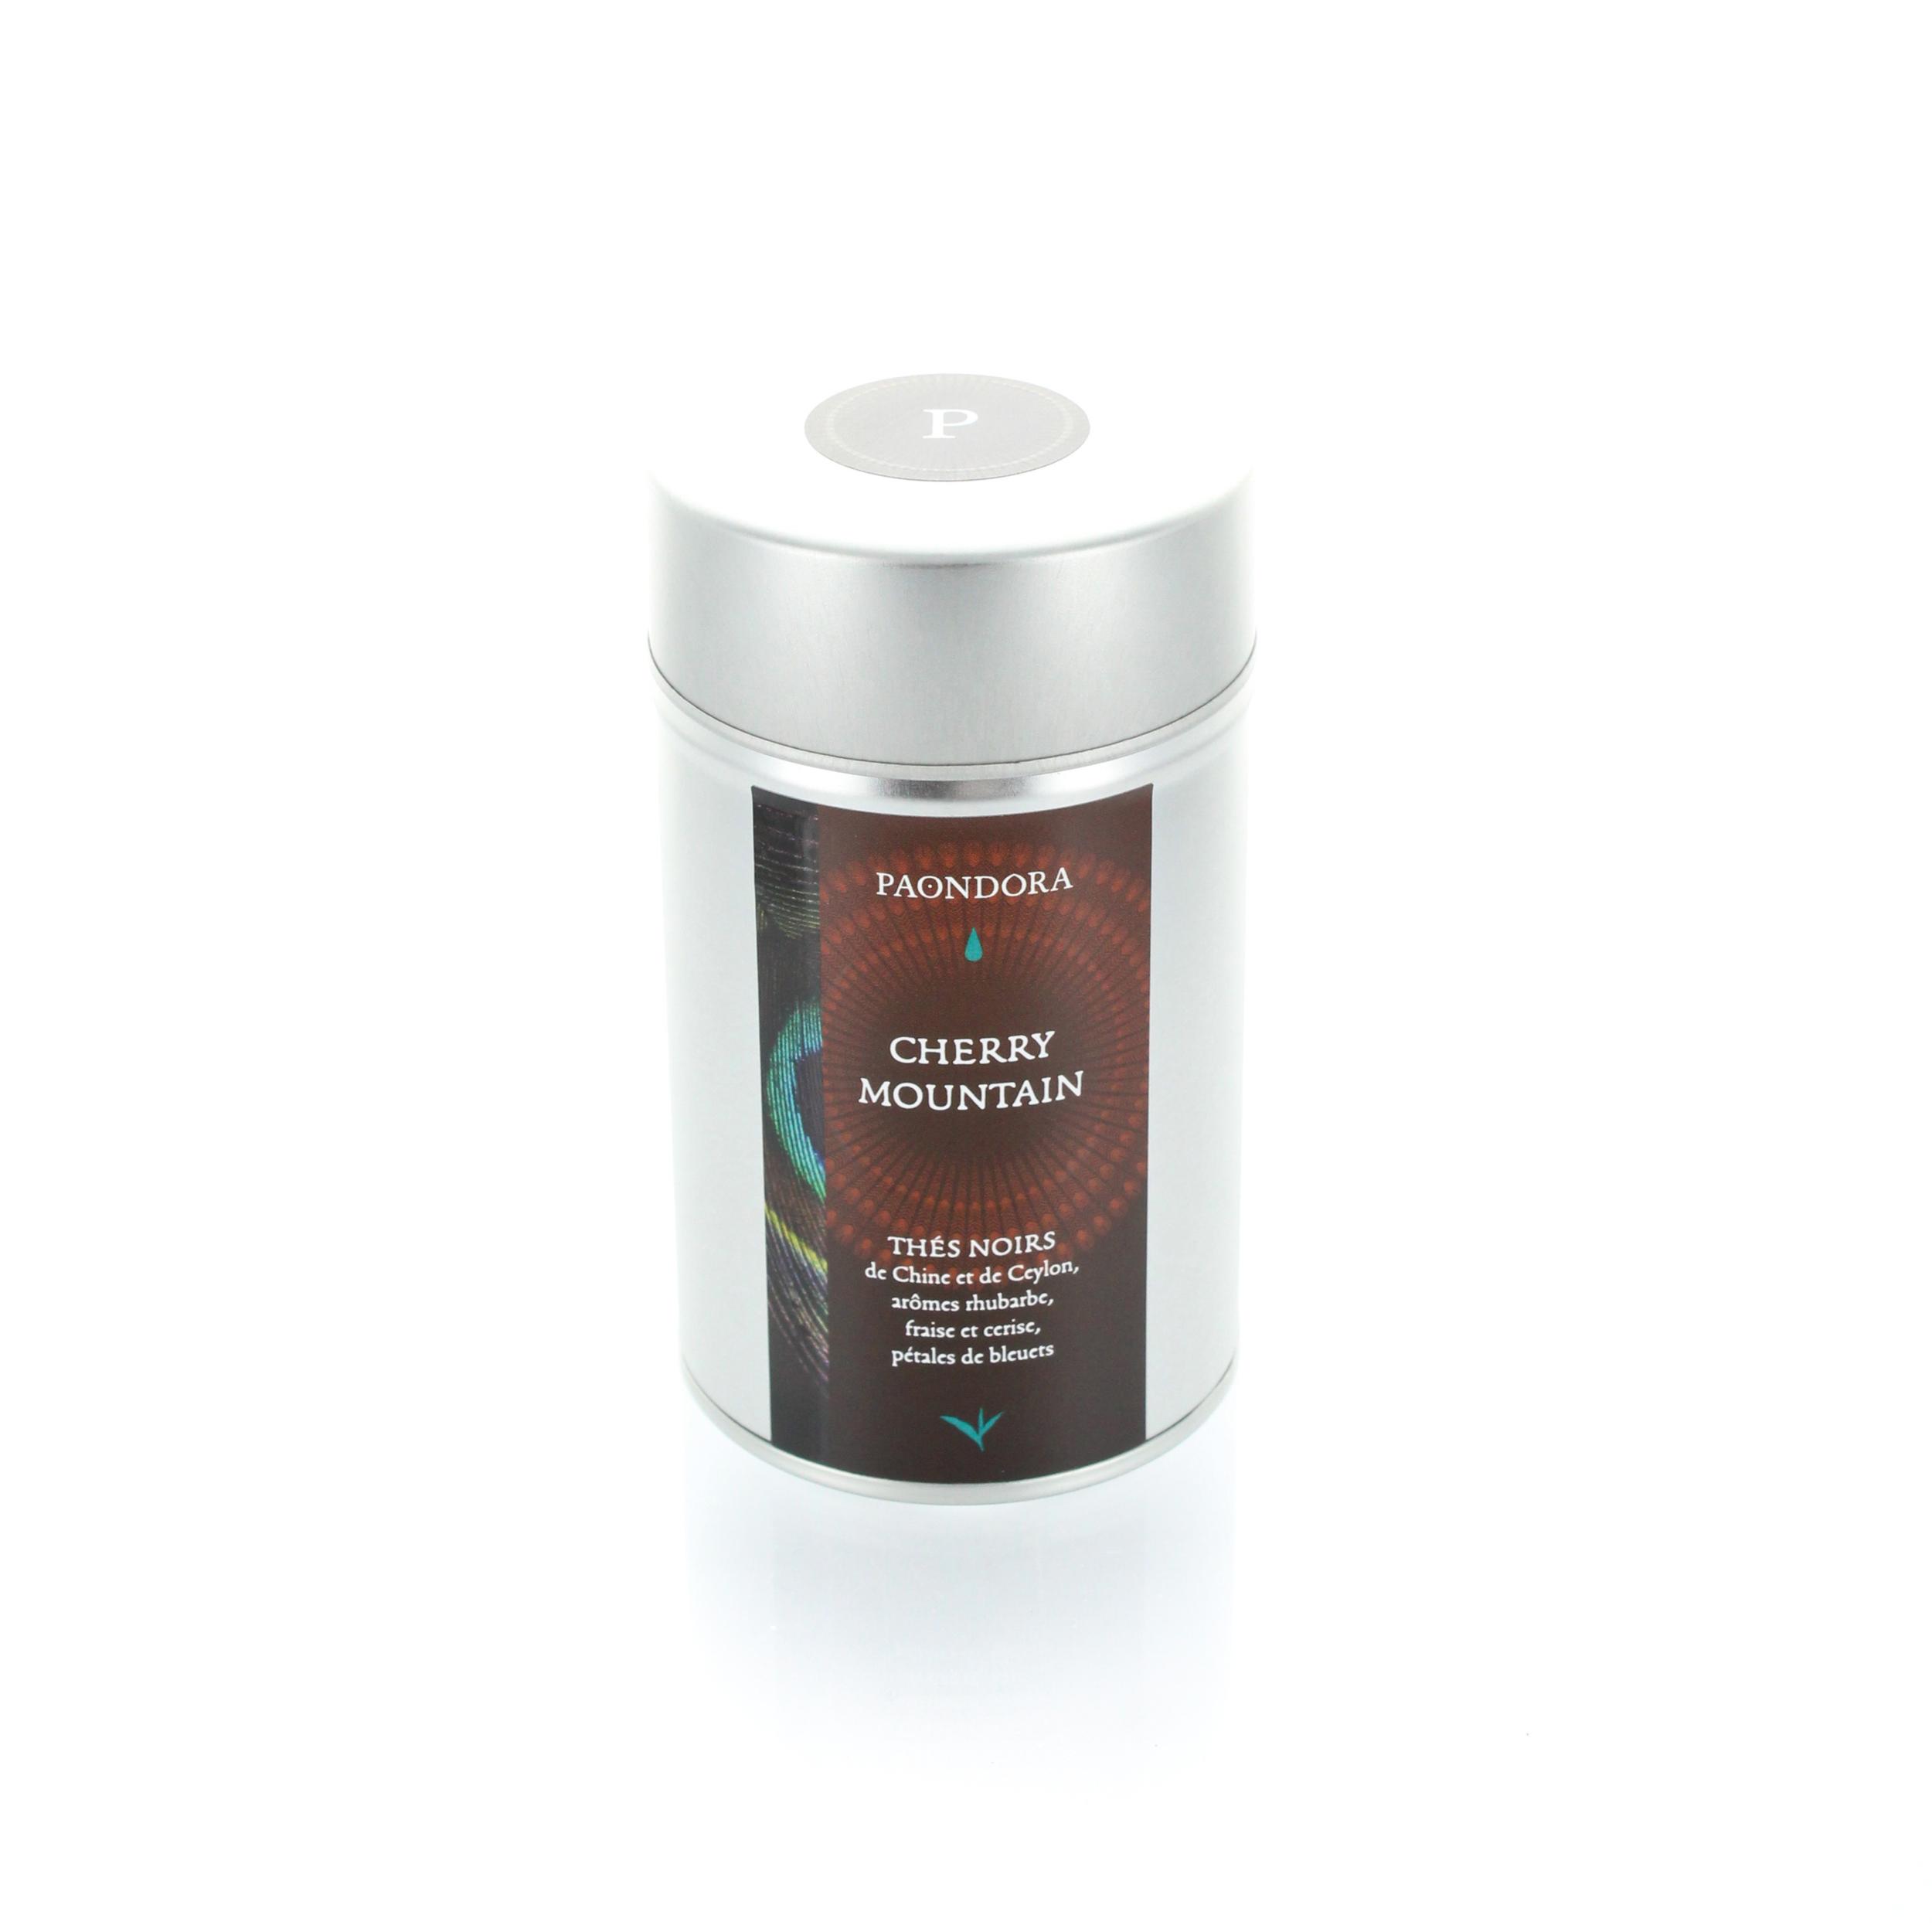 Saveur des thés - Paondora, votre thé au quotidien